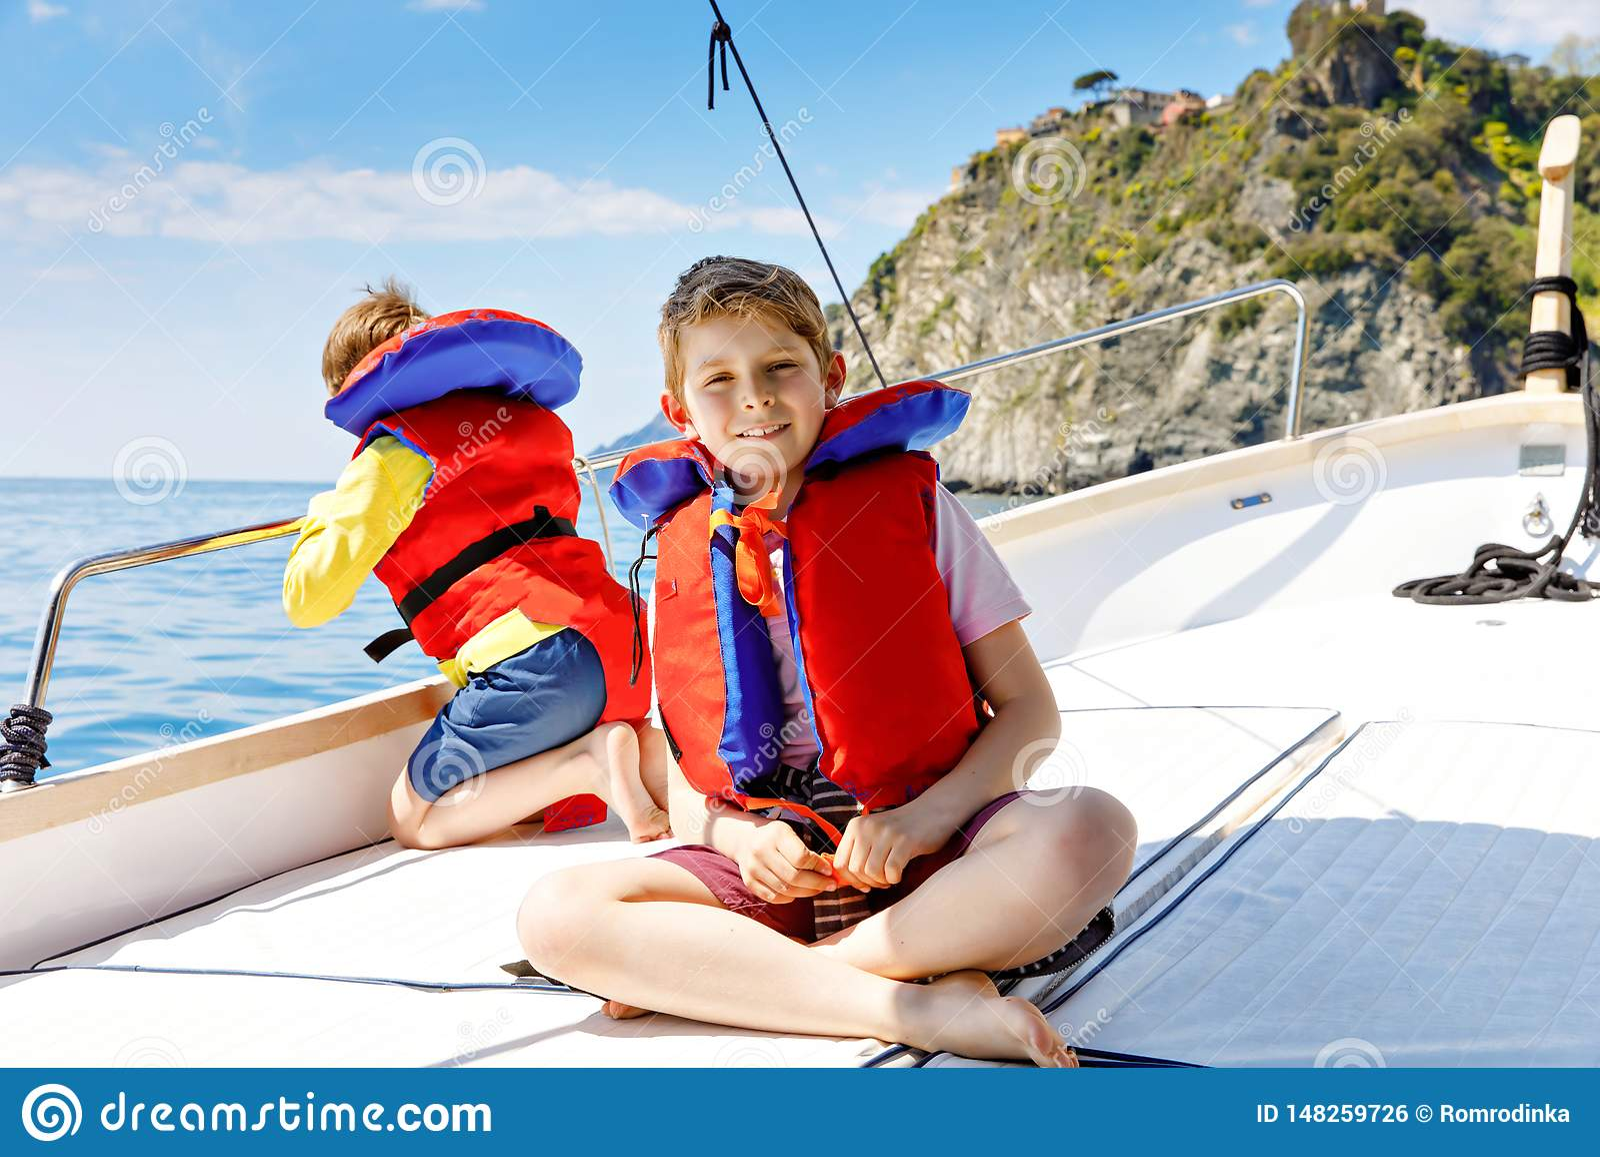 Twee kleine jong geitjejongens, het beste vrienden genieten die rondvaart varen Familievakanties op oceaan of overzees op zonnige